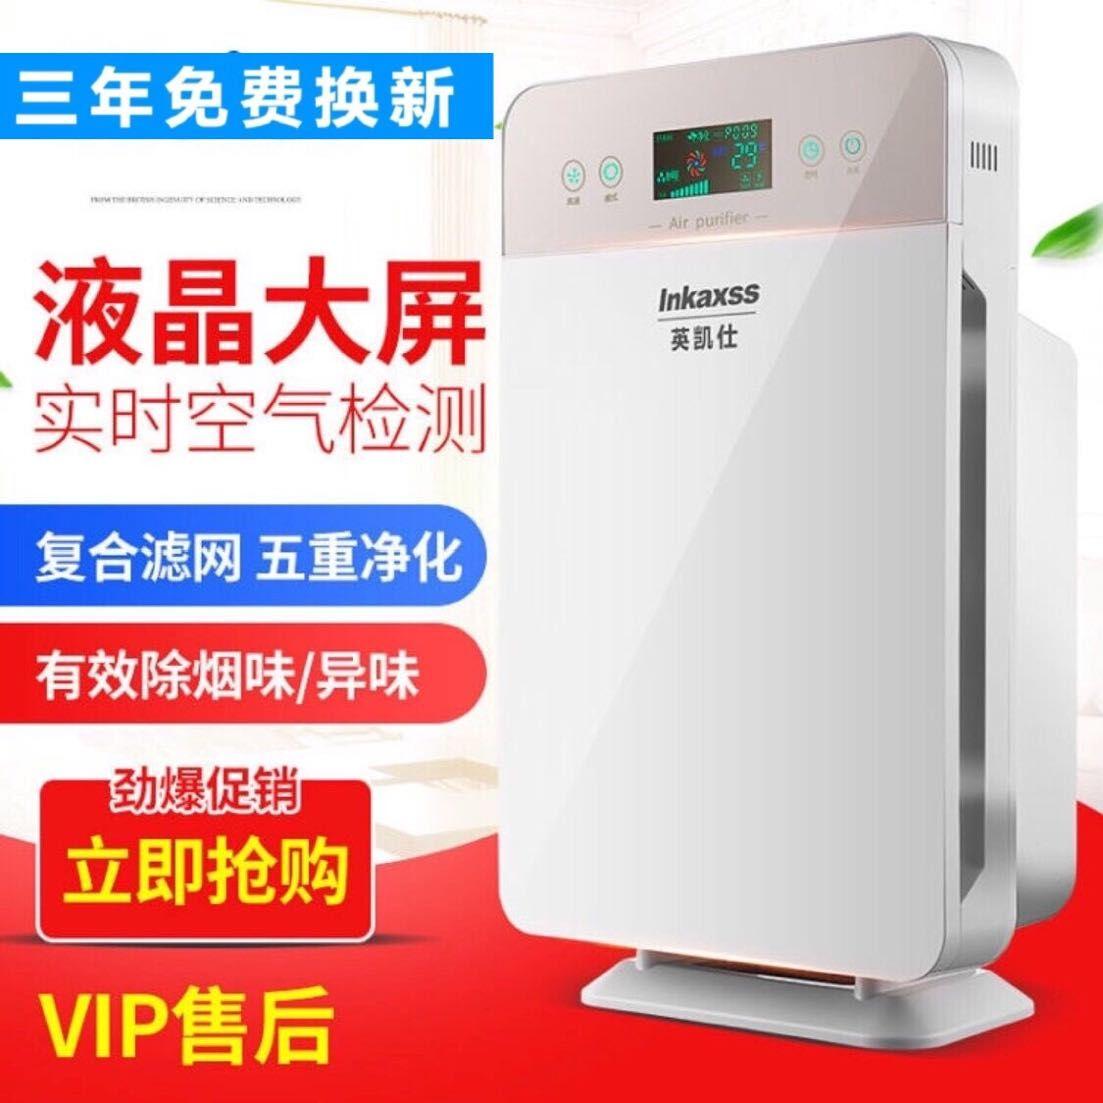 [小乐精品商贸城空气净化器]美的品质小型家用除湿器抽湿机地下室除月销量0件仅售218元